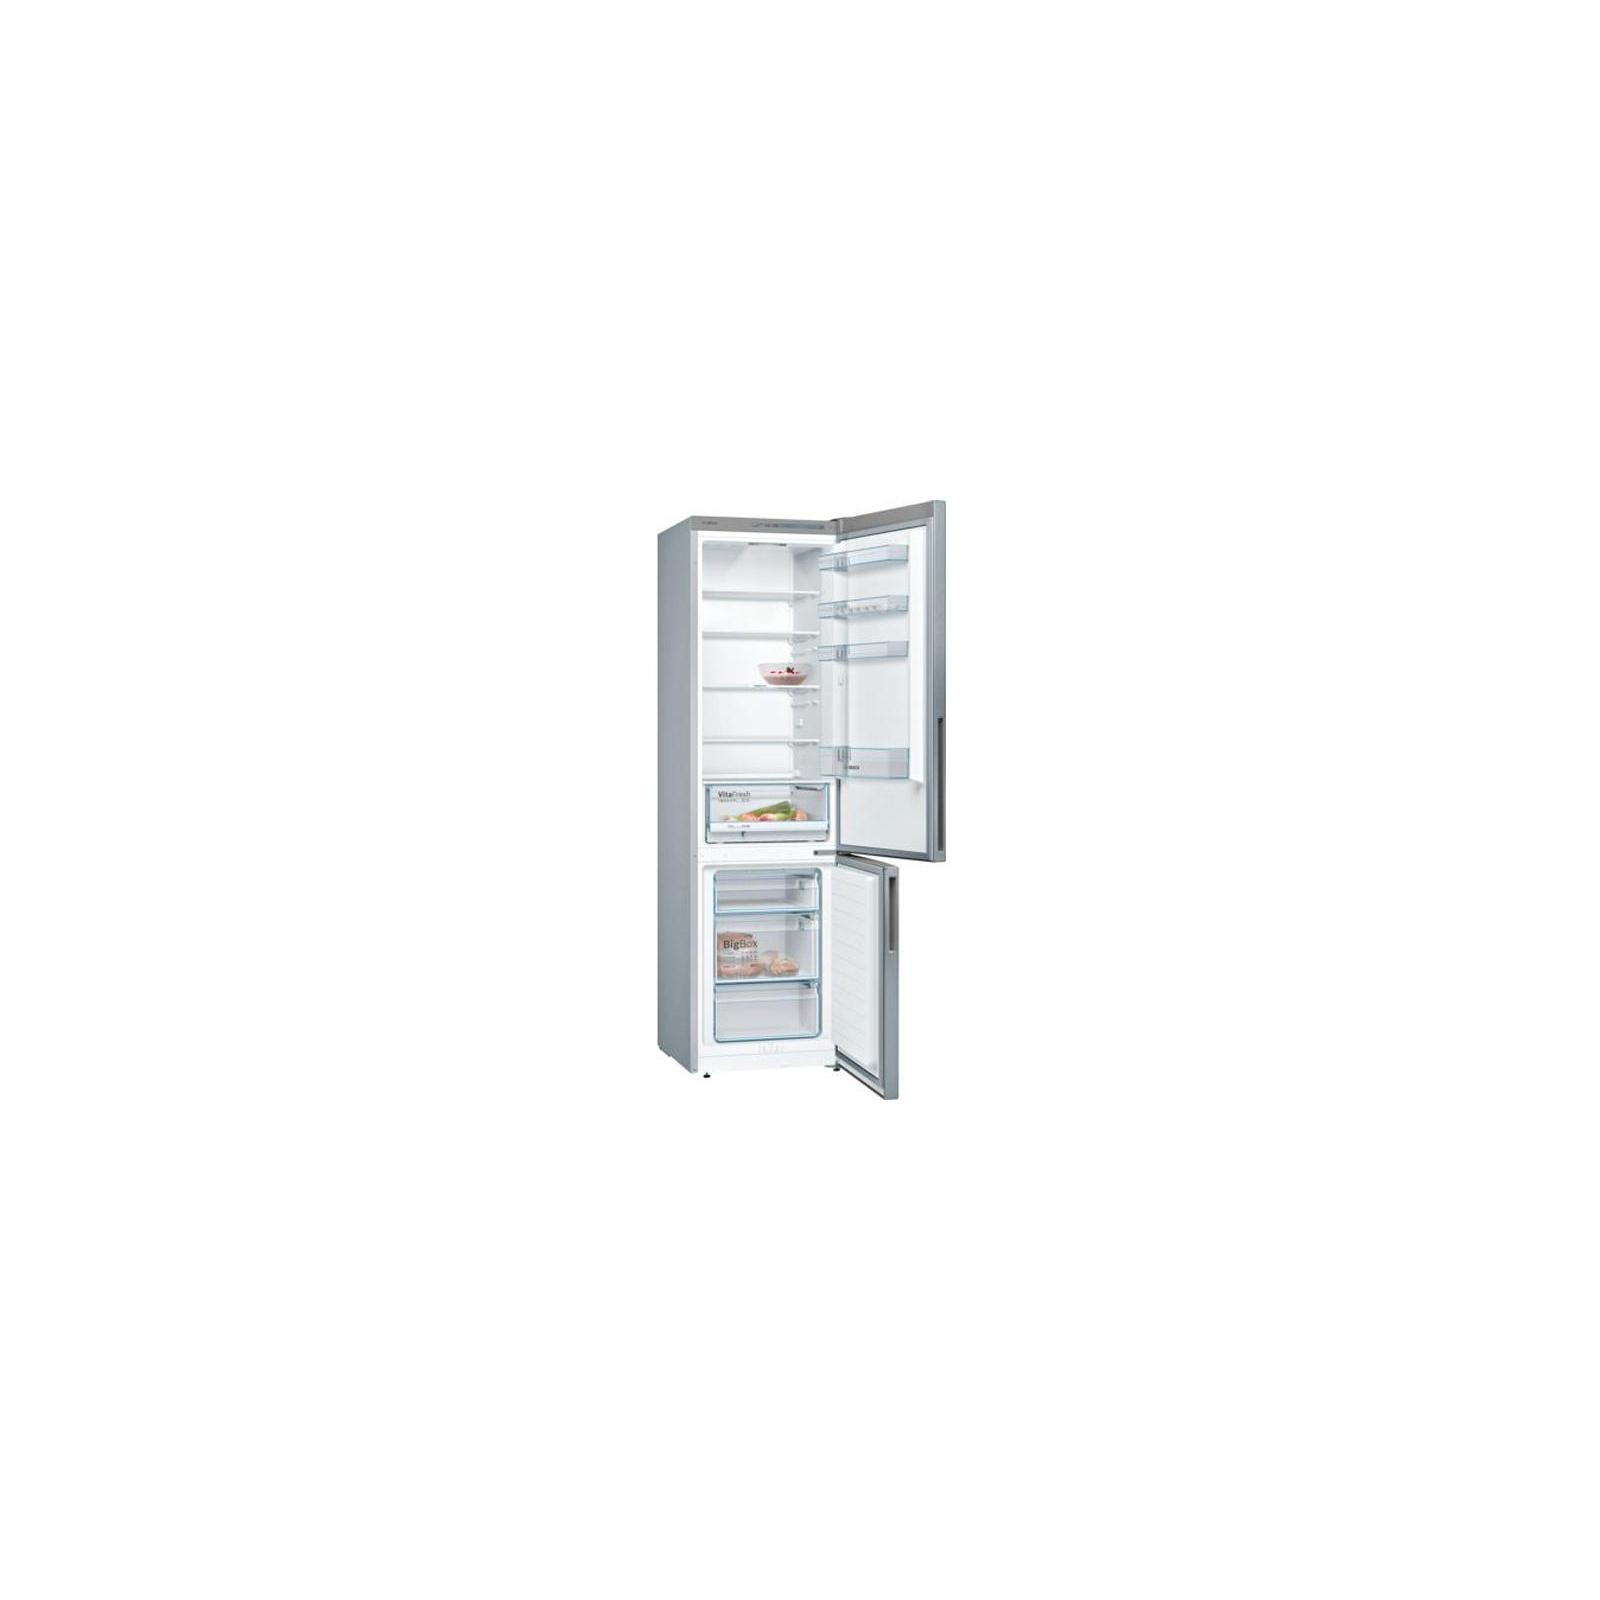 Холодильник BOSCH KGV39VI316 изображение 2